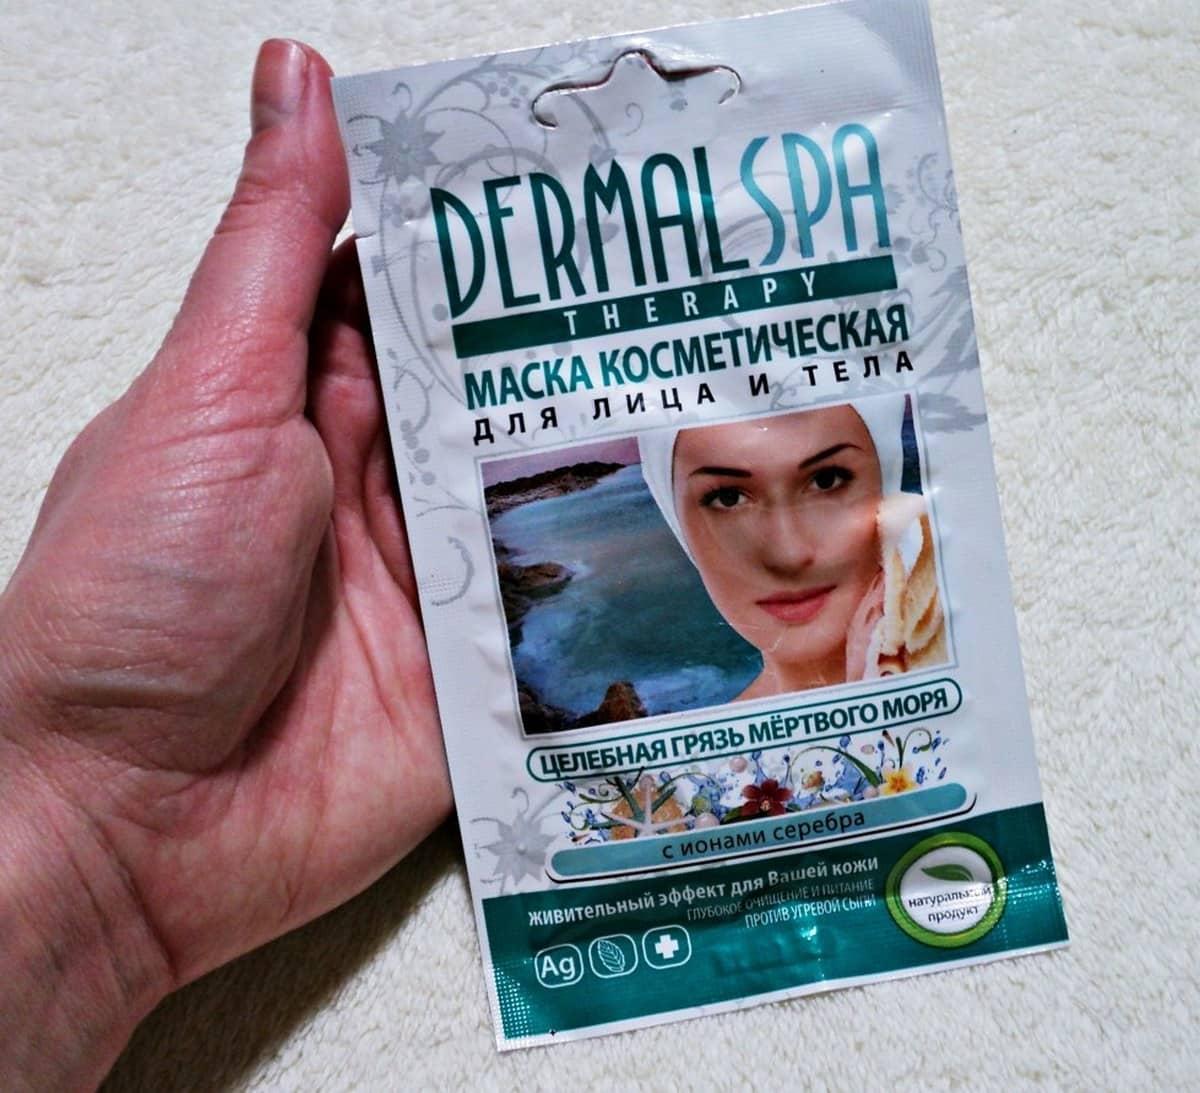 Маска для лица Dermal spa therapy превосходно освежит и подтянет кожу